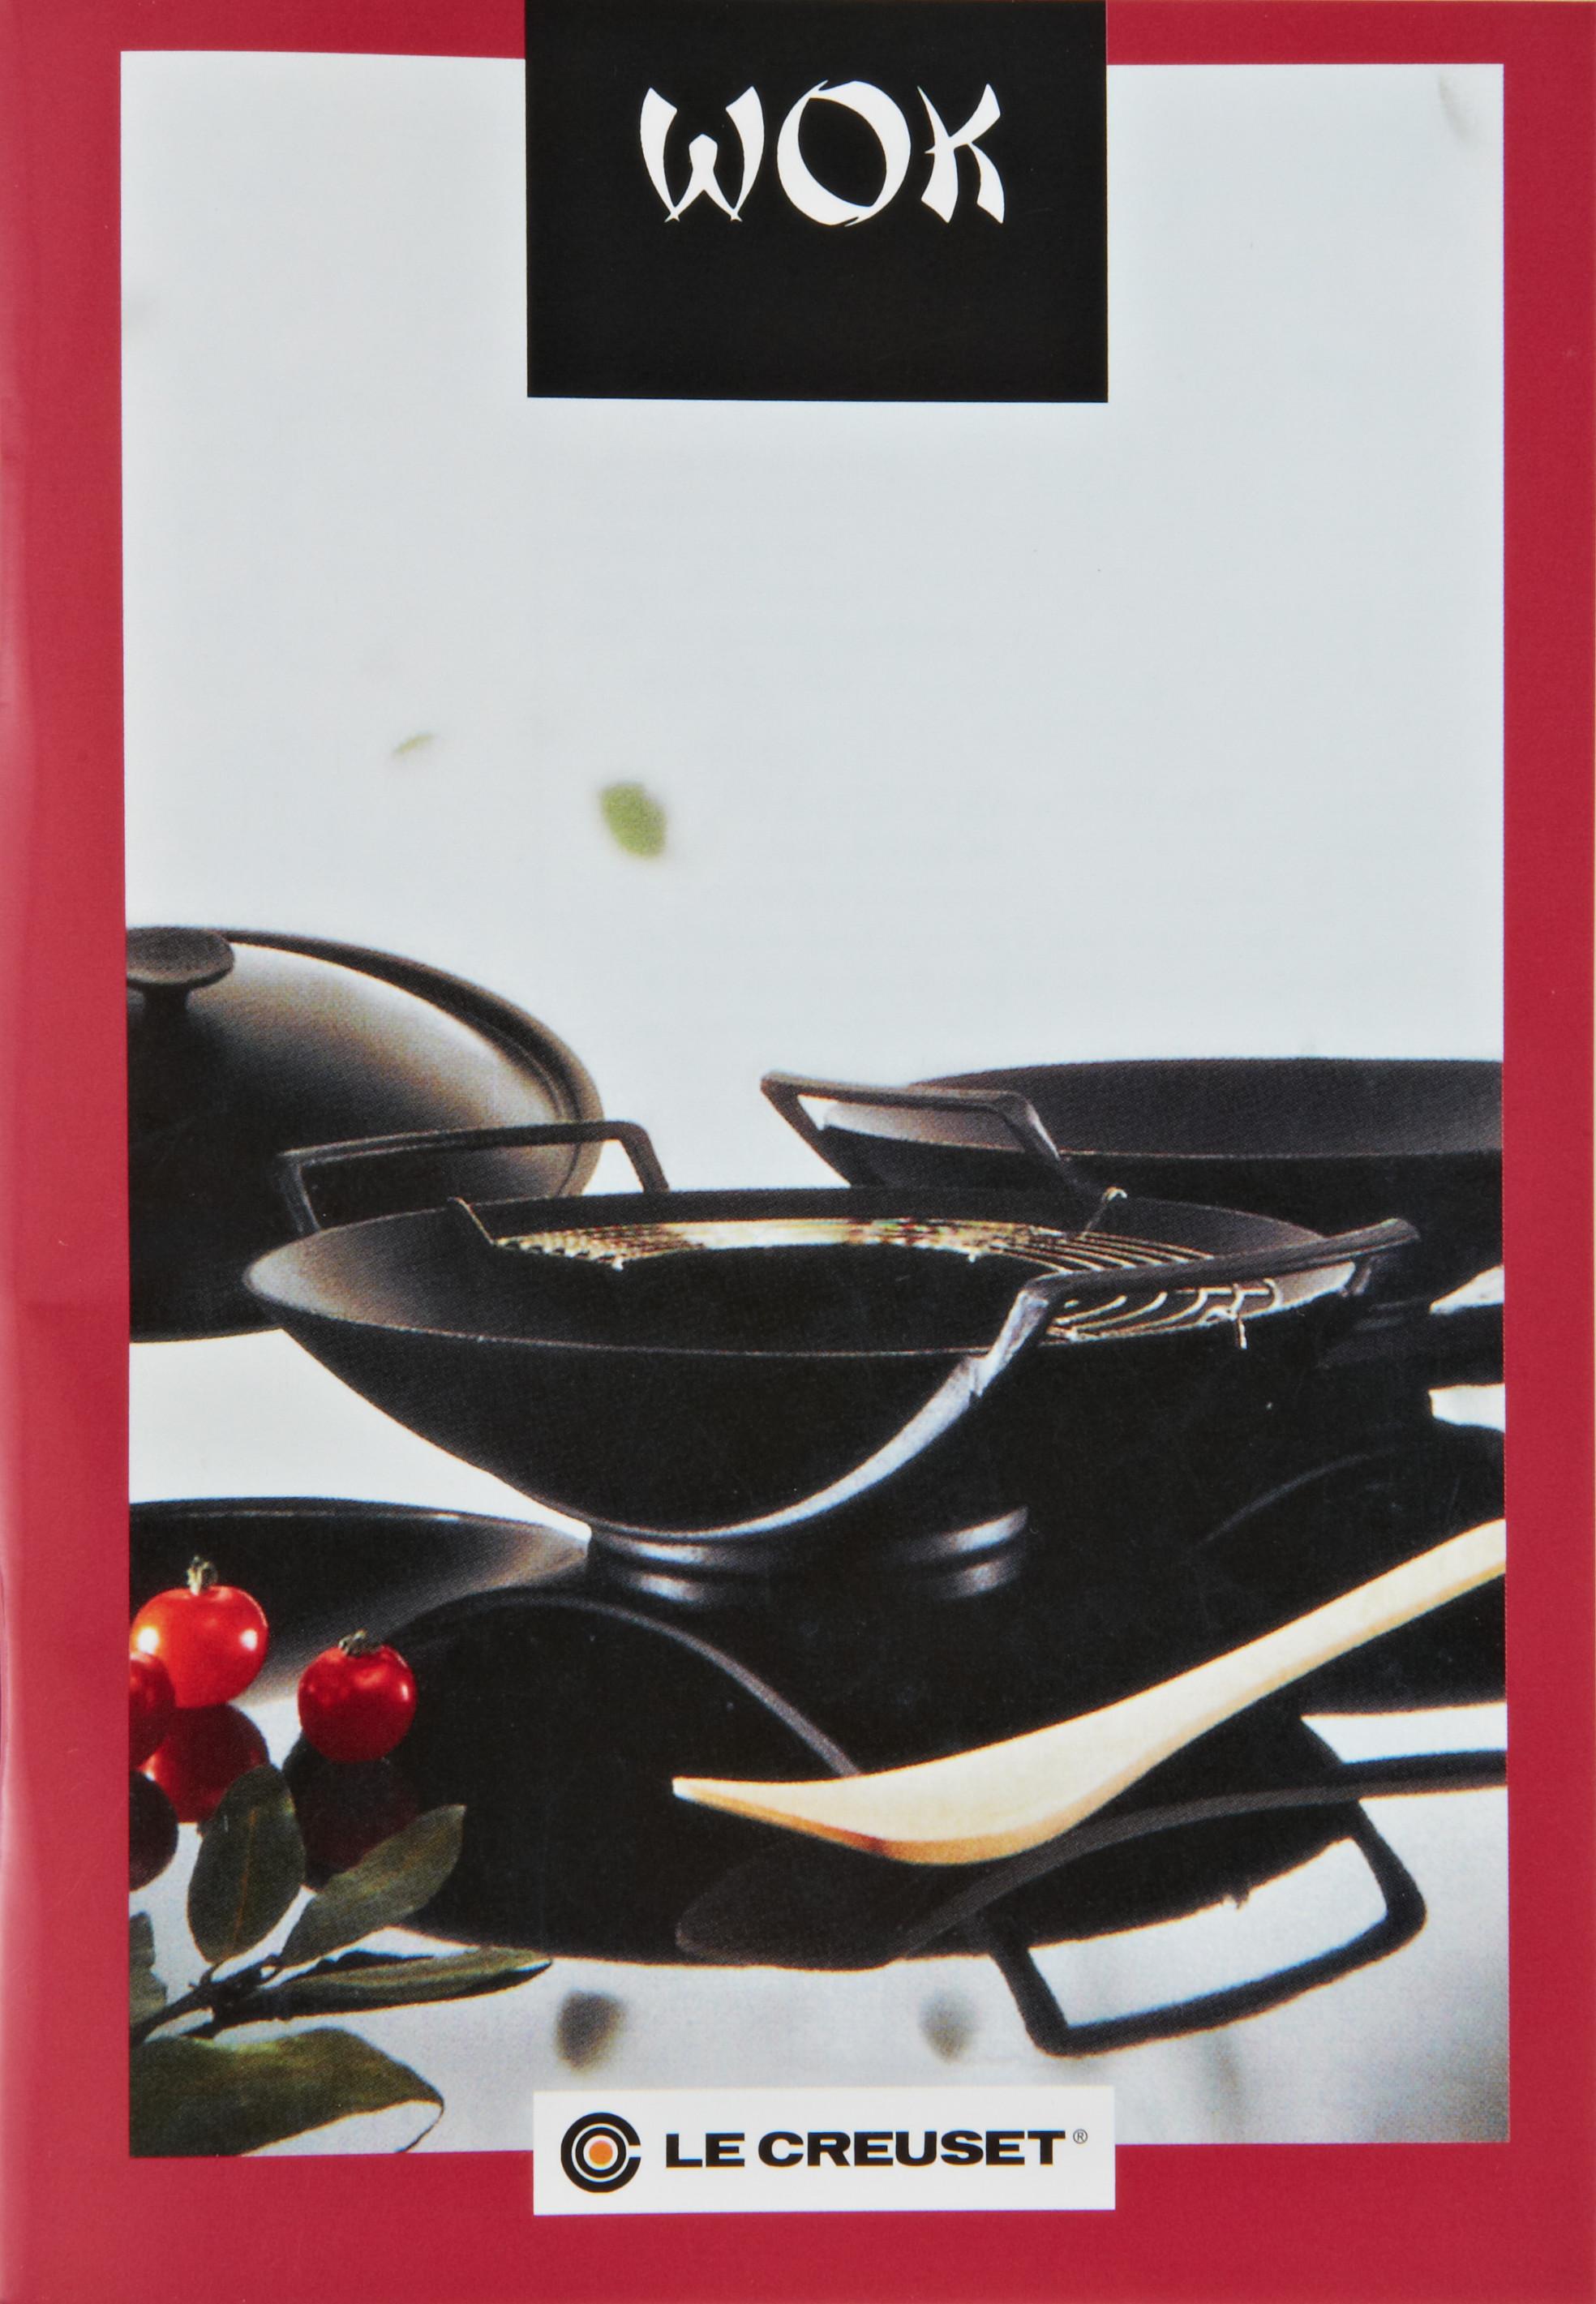 homann schenken kochen wohnen le creuset wok gusseisen 5 teilig schwarz induktion. Black Bedroom Furniture Sets. Home Design Ideas